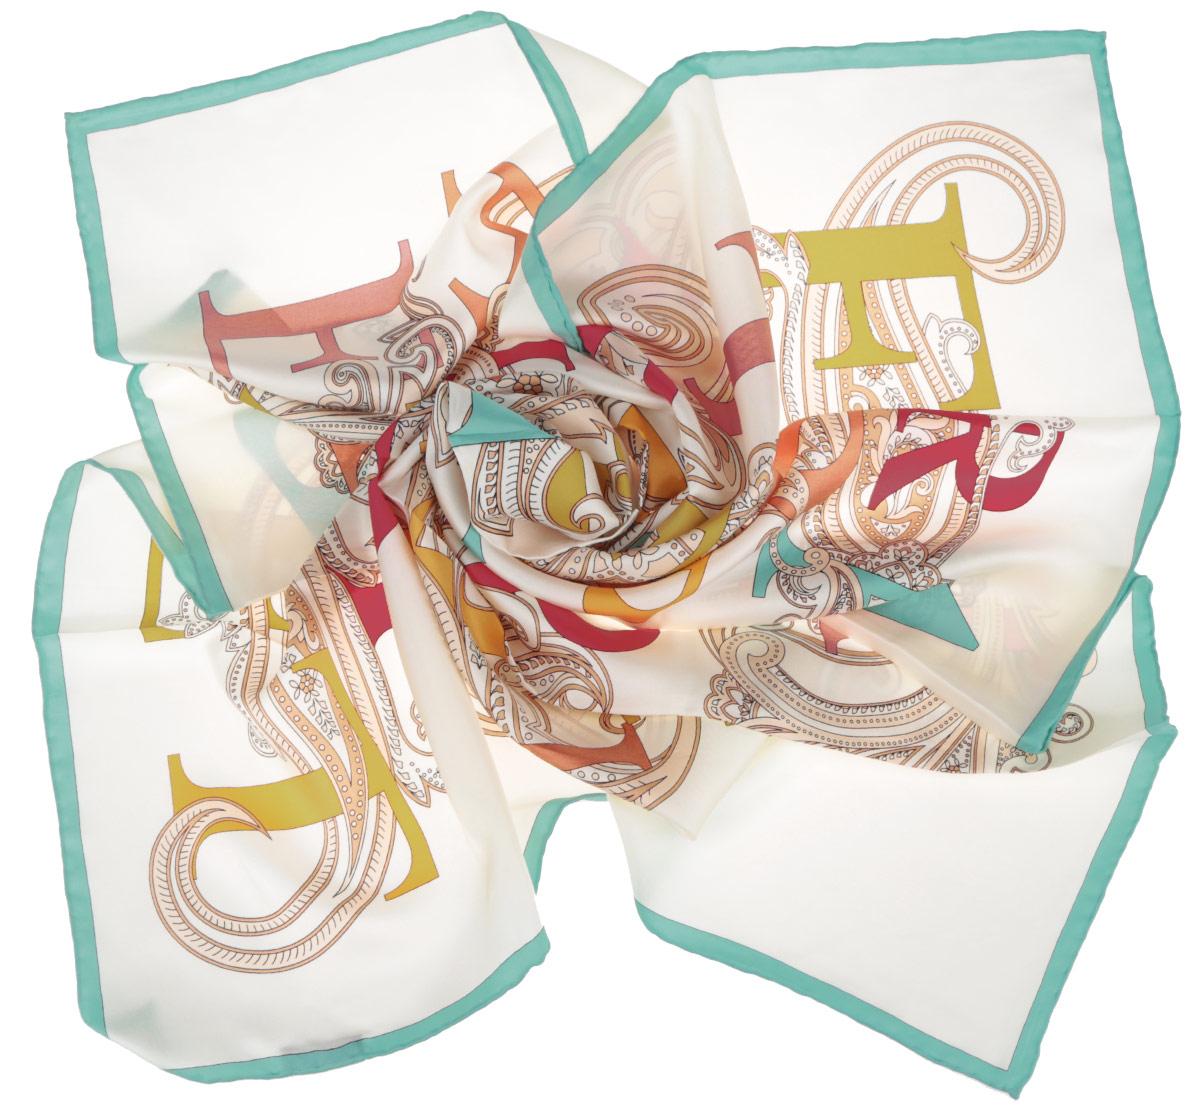 Платок женский Fabretti, цвет: молочный, желтый, бирюзовый. CX1516-44-7. Размер 90 см х 90 смCX1516-44-7Стильный женский платок Fabretti станет великолепным завершением любого наряда. Платок изготовлен из высококачественного 100% шелка и оформлен красочным принтом с буквами на фоне цветочного орнамента.Классическая квадратная форма позволяет носить платок на шее, украшать им прическу или декорировать сумочку. Мягкий и шелковистый платок поможет вам создать изысканный женственный образ, а также согреет в непогоду. Такой платок превосходно дополнит любой наряд и подчеркнет ваш неповторимый вкус и элегантность.